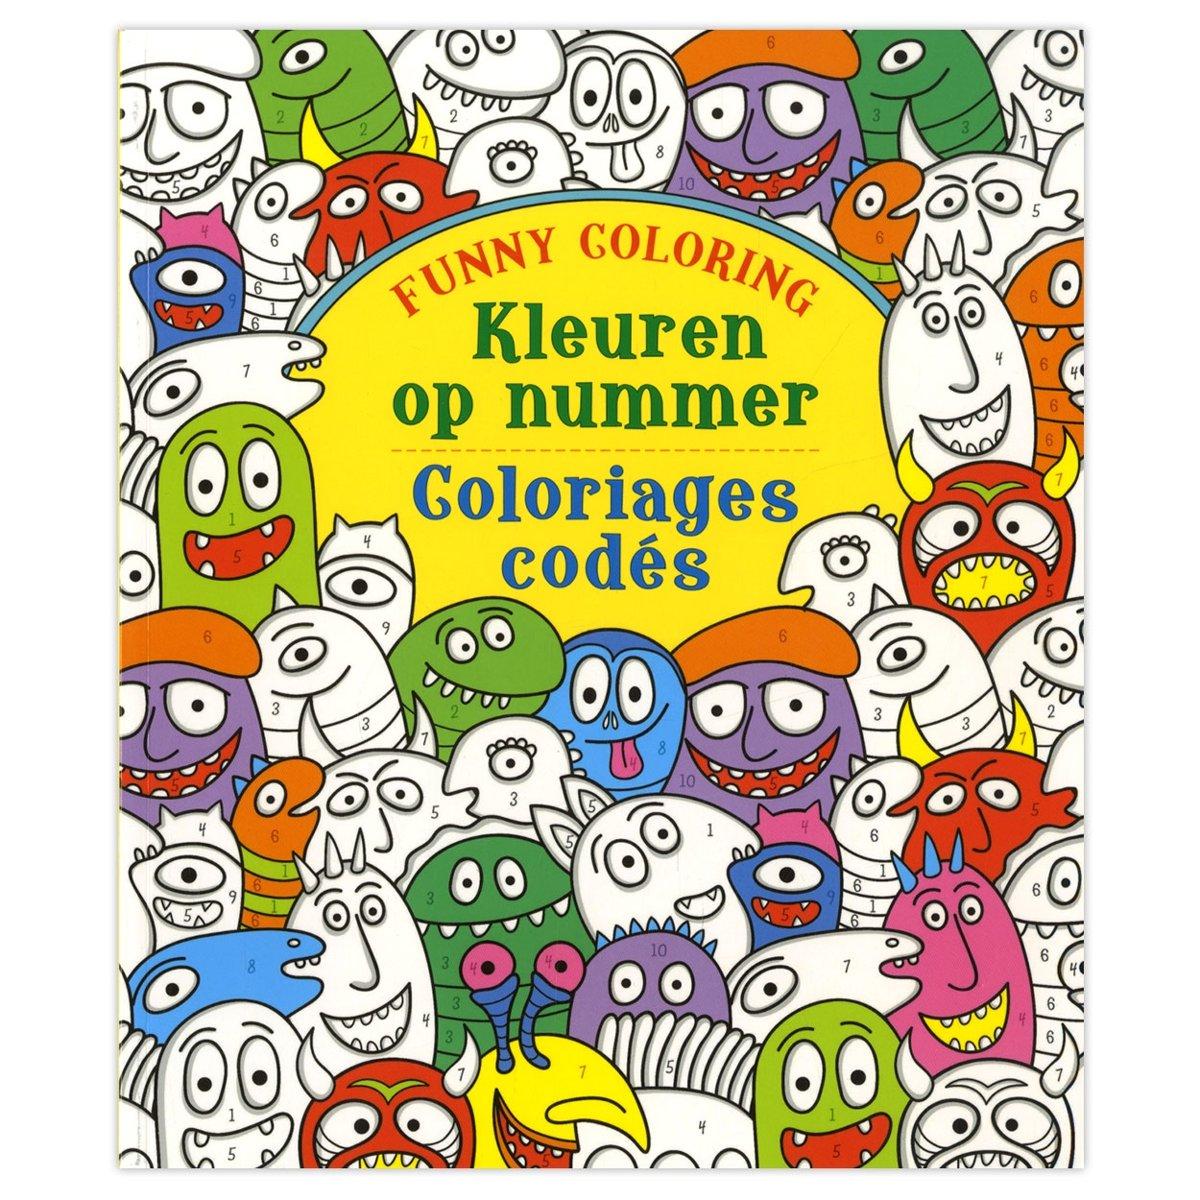 Kleuren op nummer; Funny coloring; Coloriage codes;